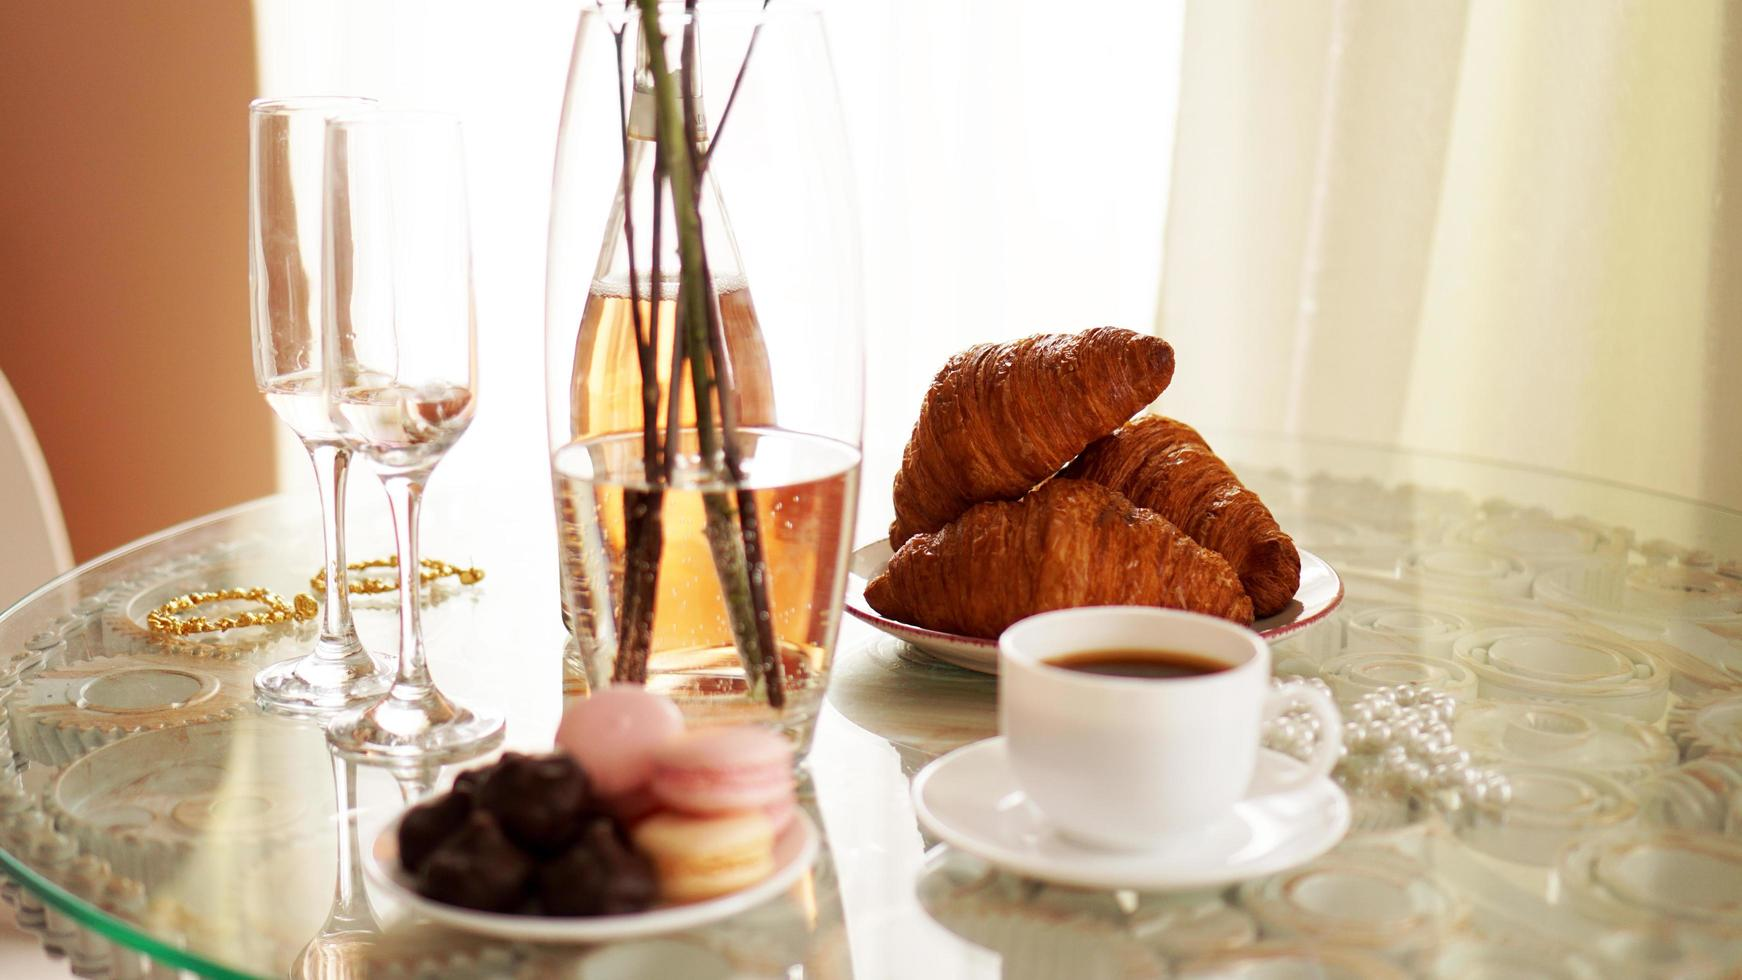 table en verre avec une tasse de café, croissants sucrés photo